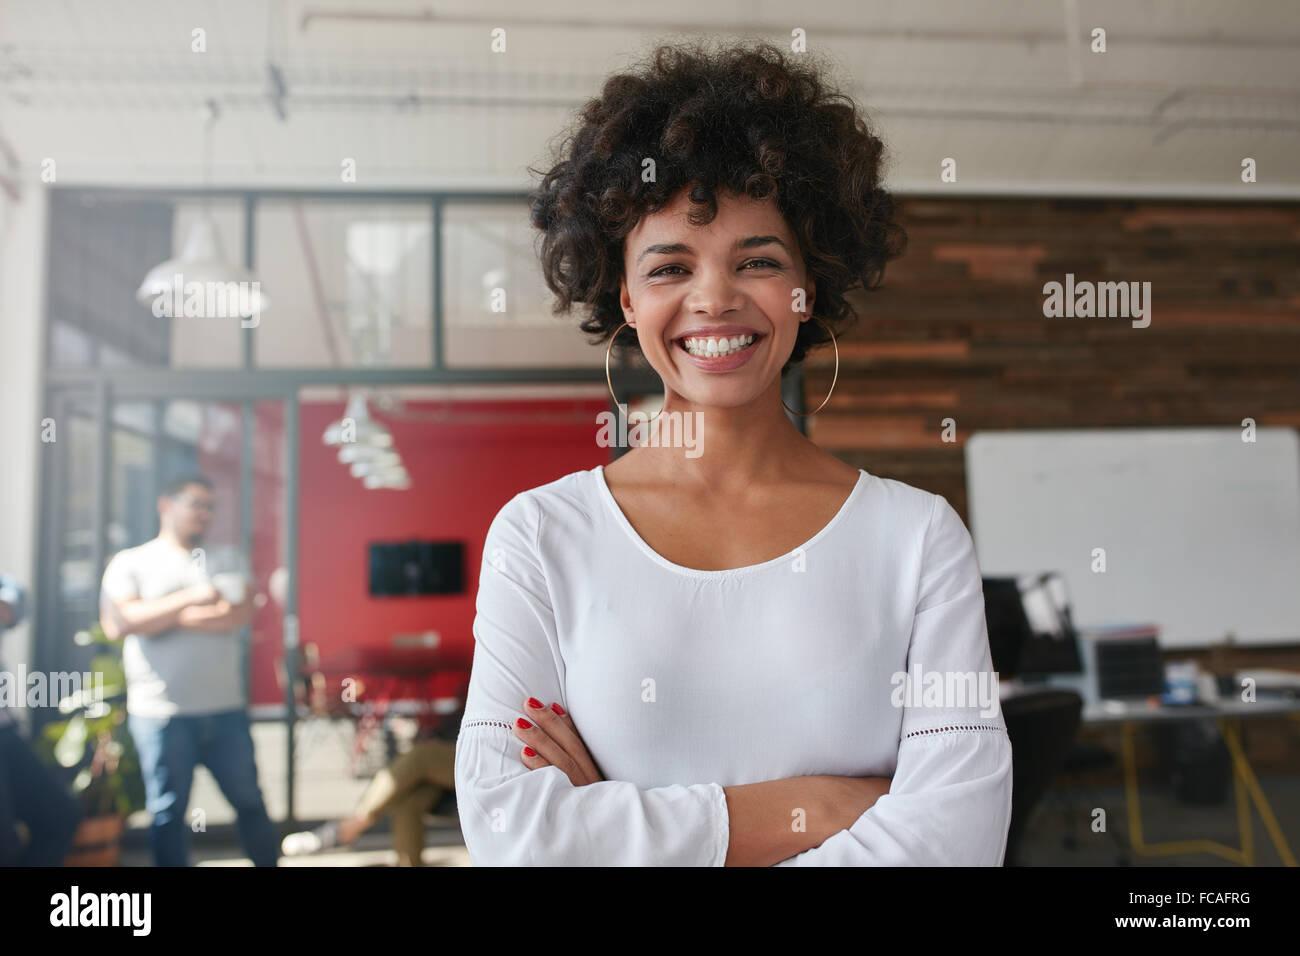 Jeune femme debout avec les bras croisés et regarder la caméra. Elle est debout dans un bureau moderne avec ses collègues Banque D'Images